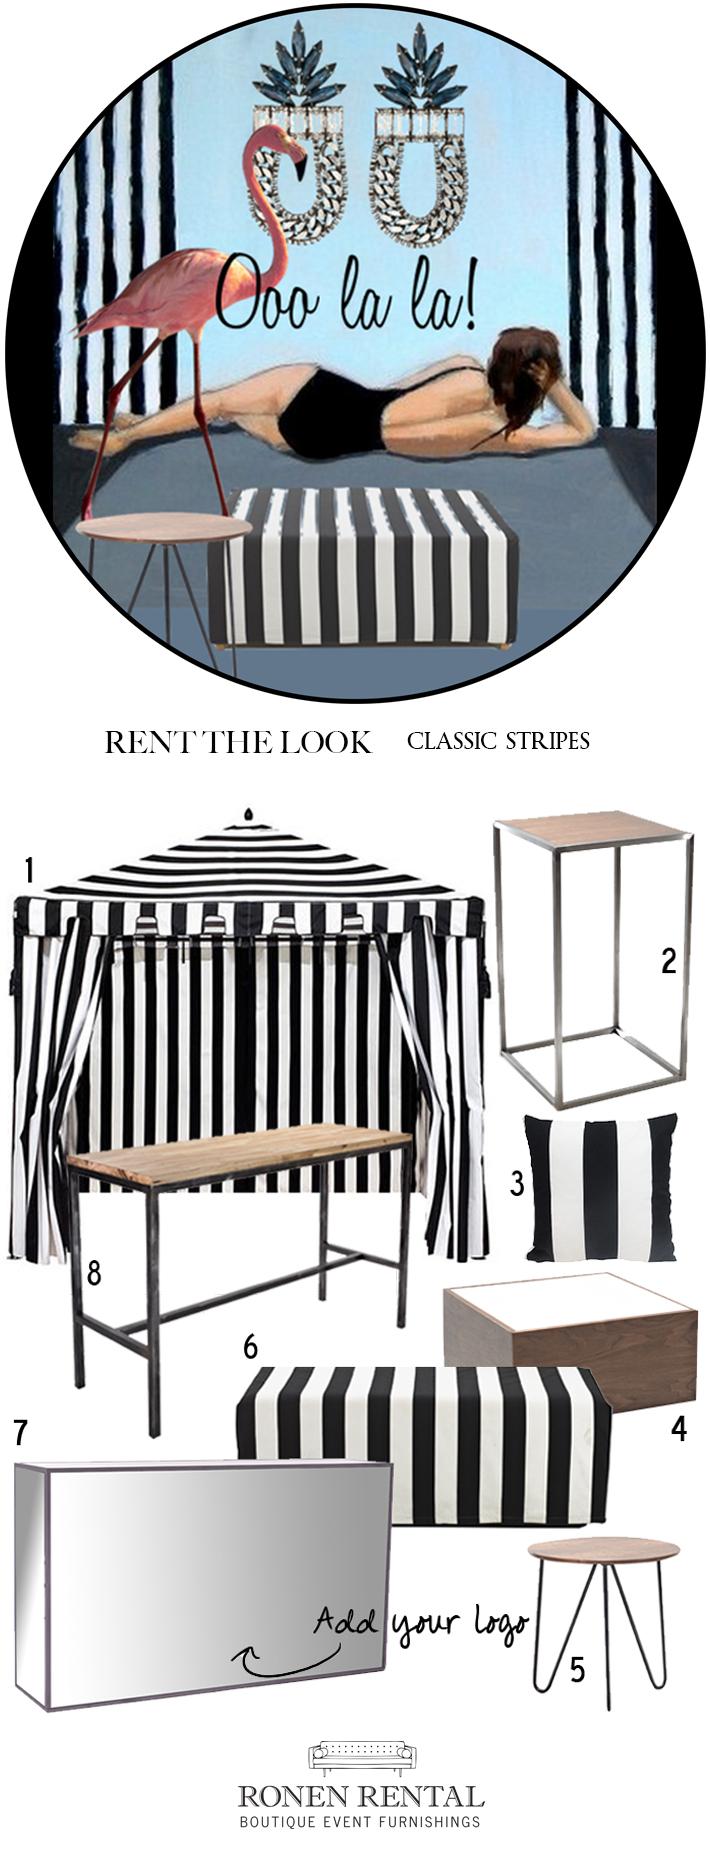 rtl-classic-stripes.jpg